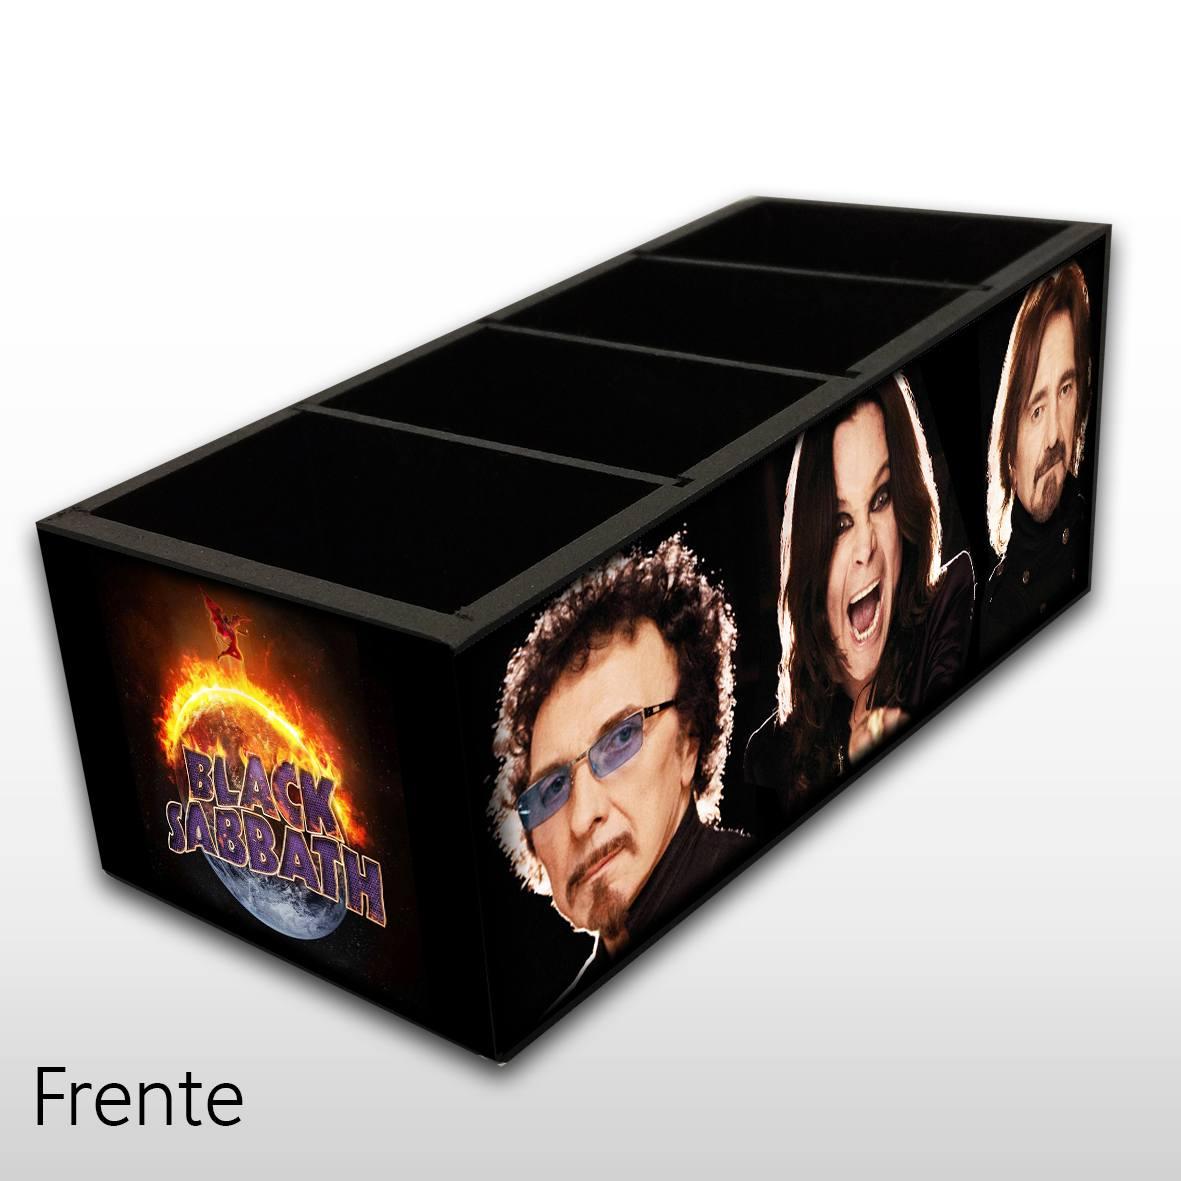 Porta Controle Remoto em Madeira MDF com 4 Espaços Black Sabbath - Mr. Rock